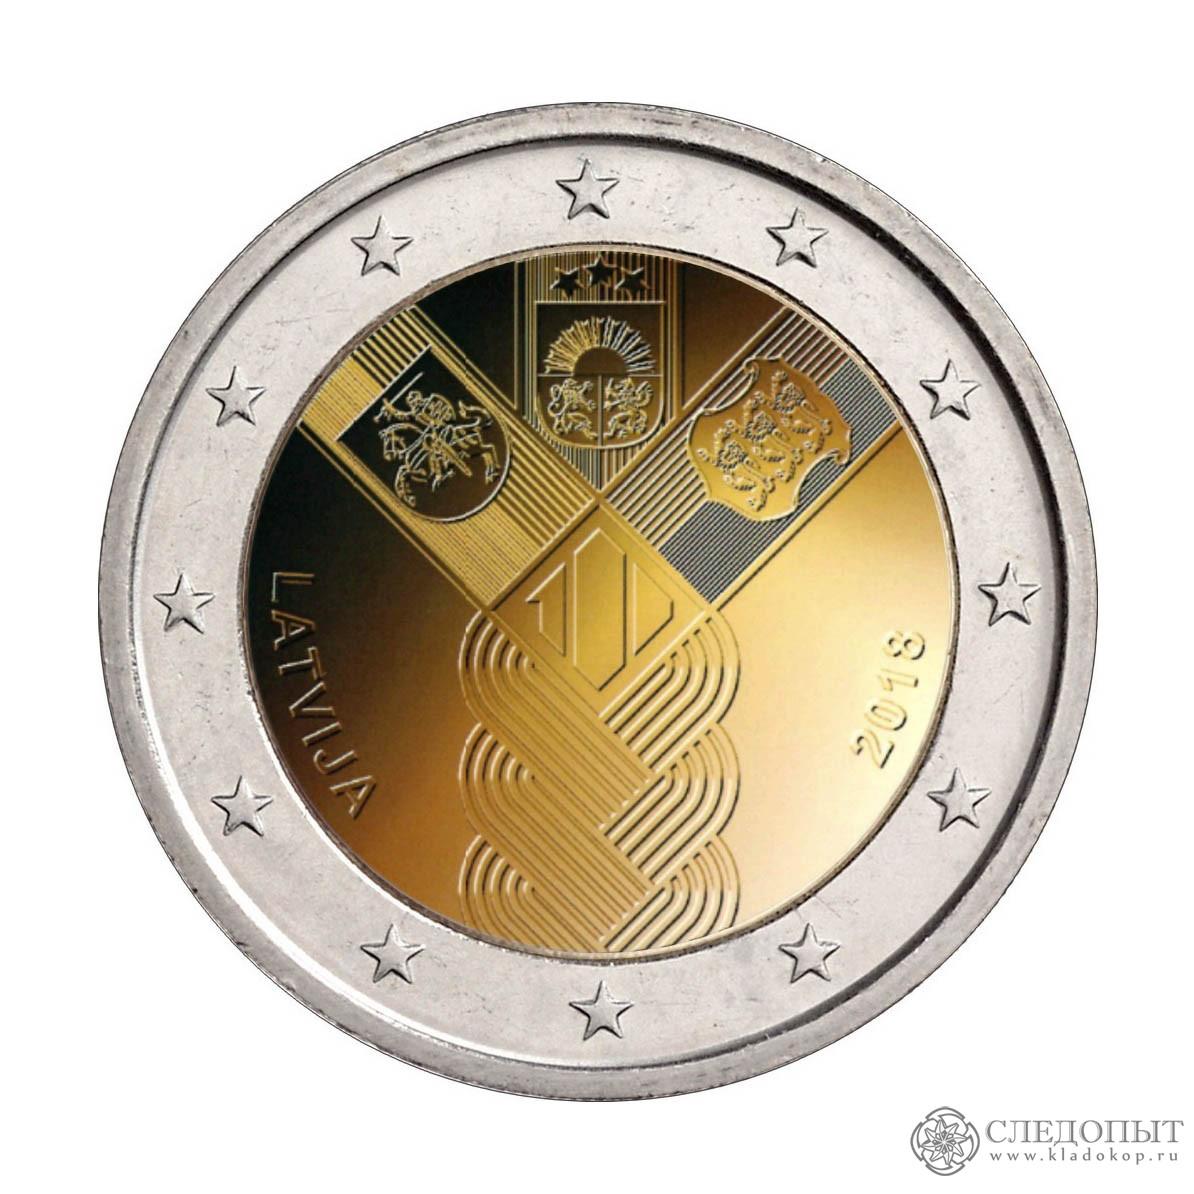 2евро 2018— 100 лет независимости Латвии